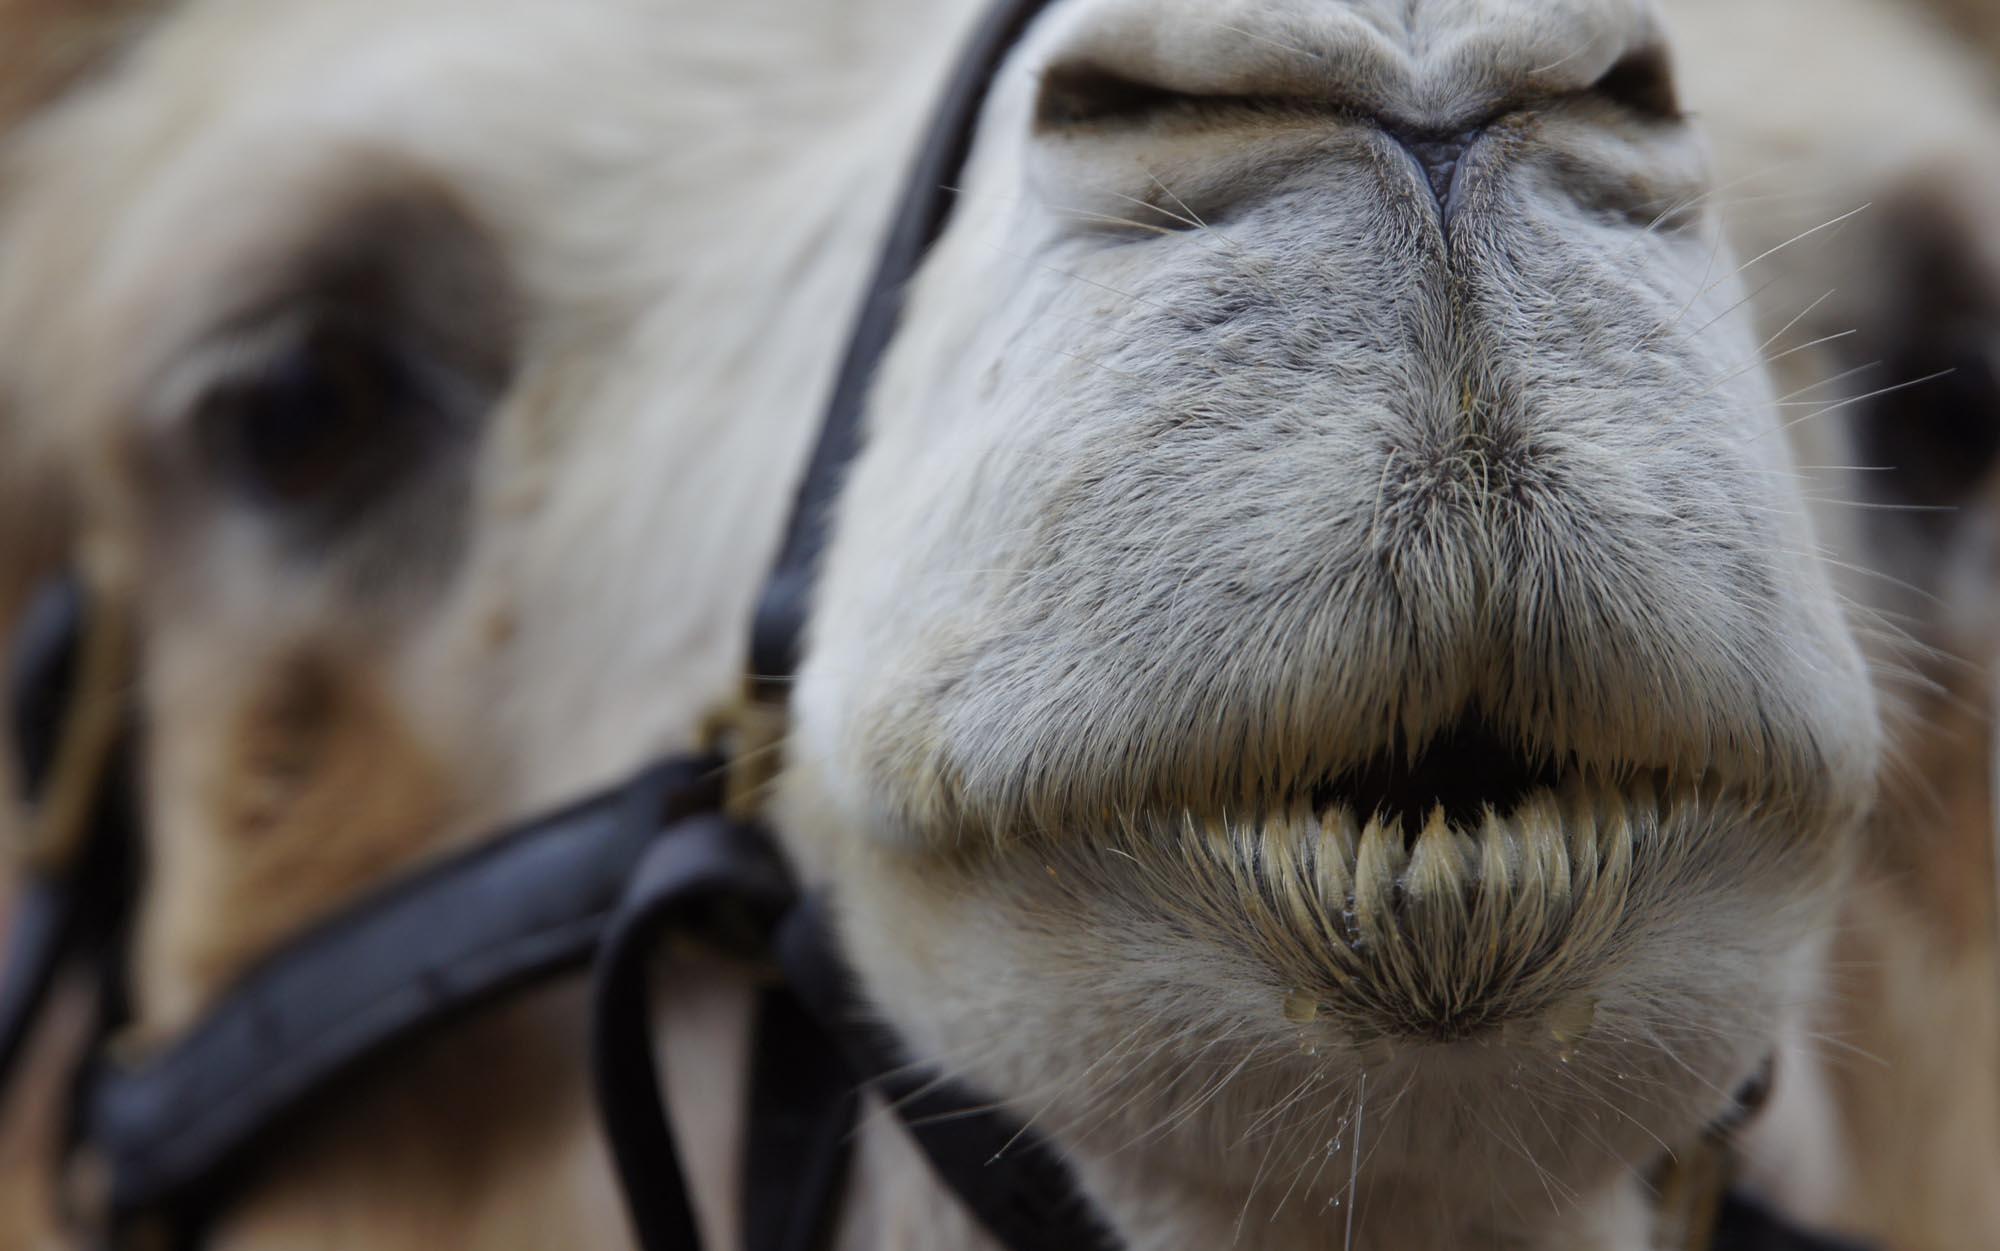 De helicóptero, franco-atiradores vão matar 10 mil camelos na Austrália